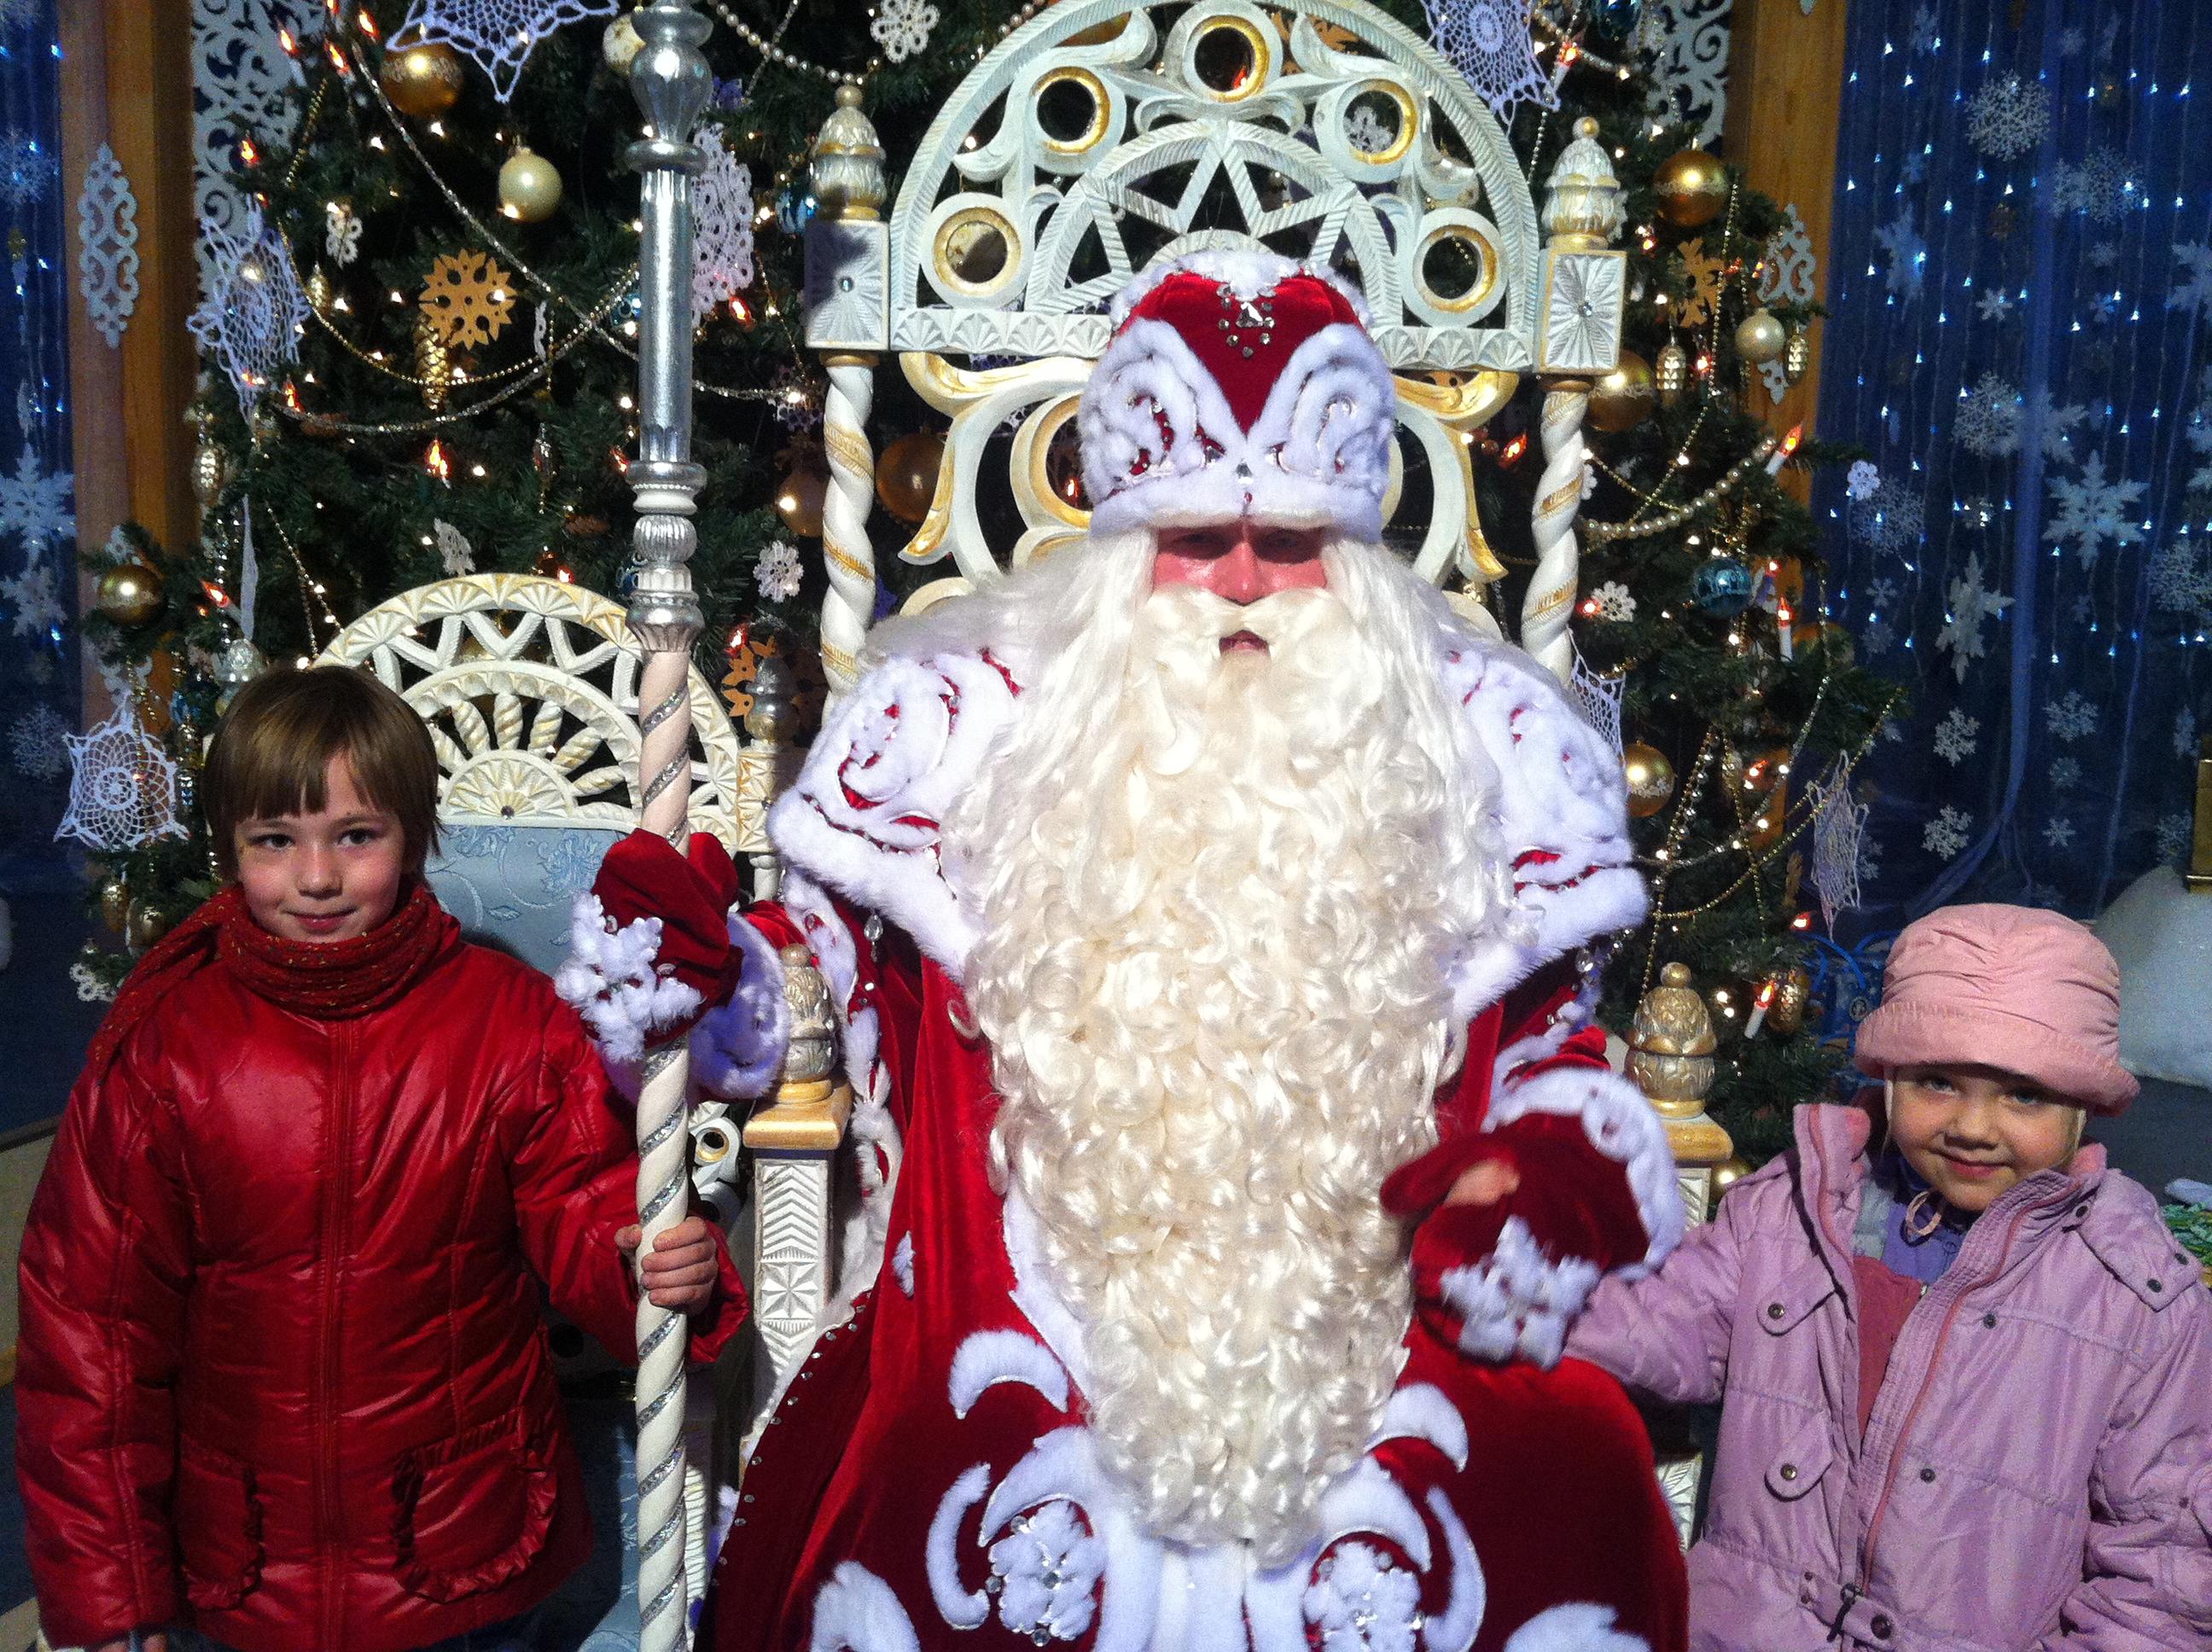 За новогодним настроением - в Великий Устюг к Деду Морозу